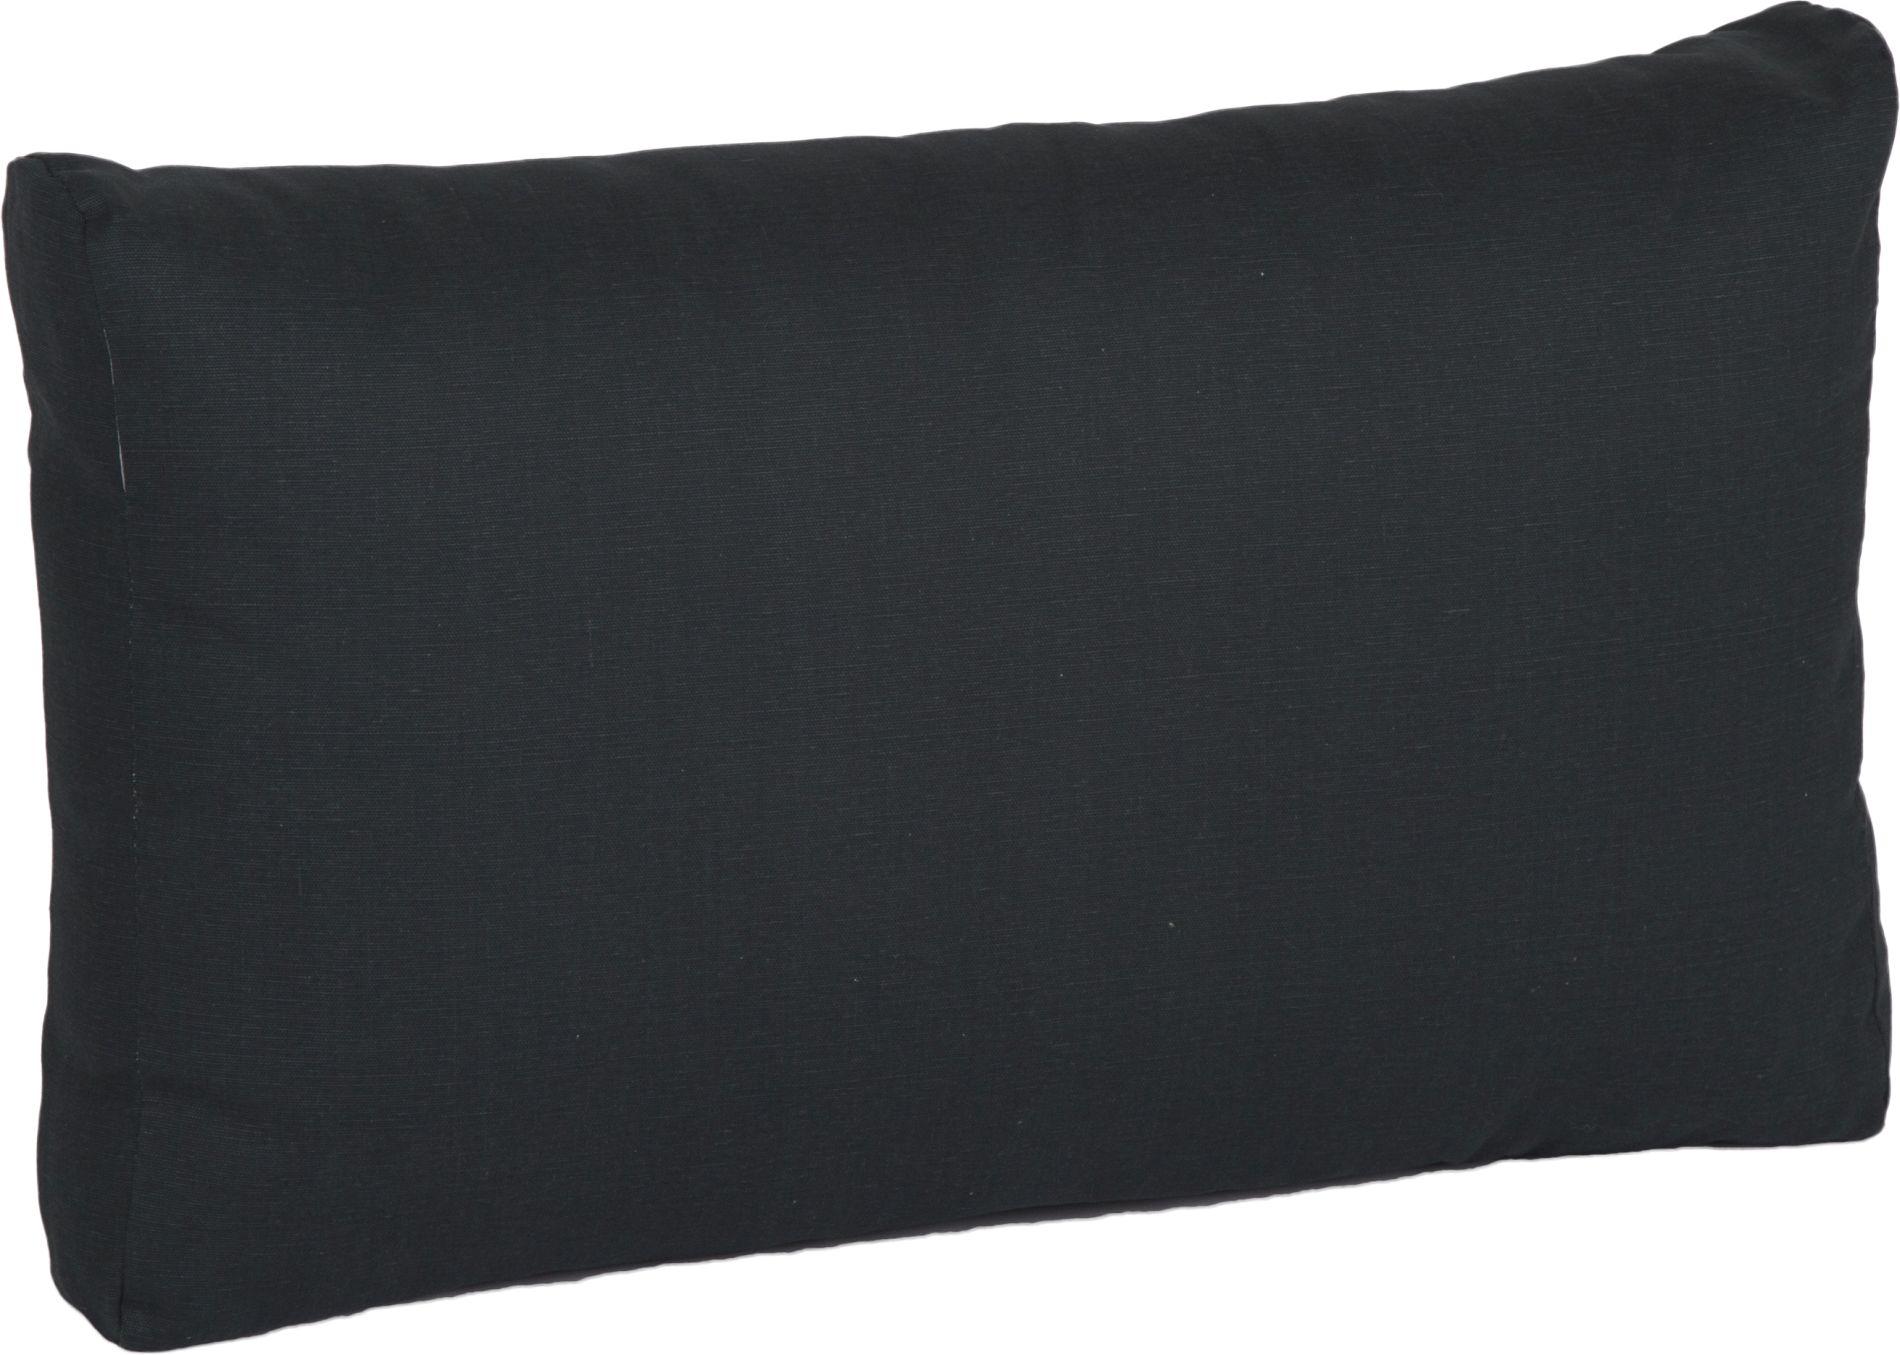 acamp Weekend Rückenkissen für Basiselement anthrazit 70 x 42 x 22 cm